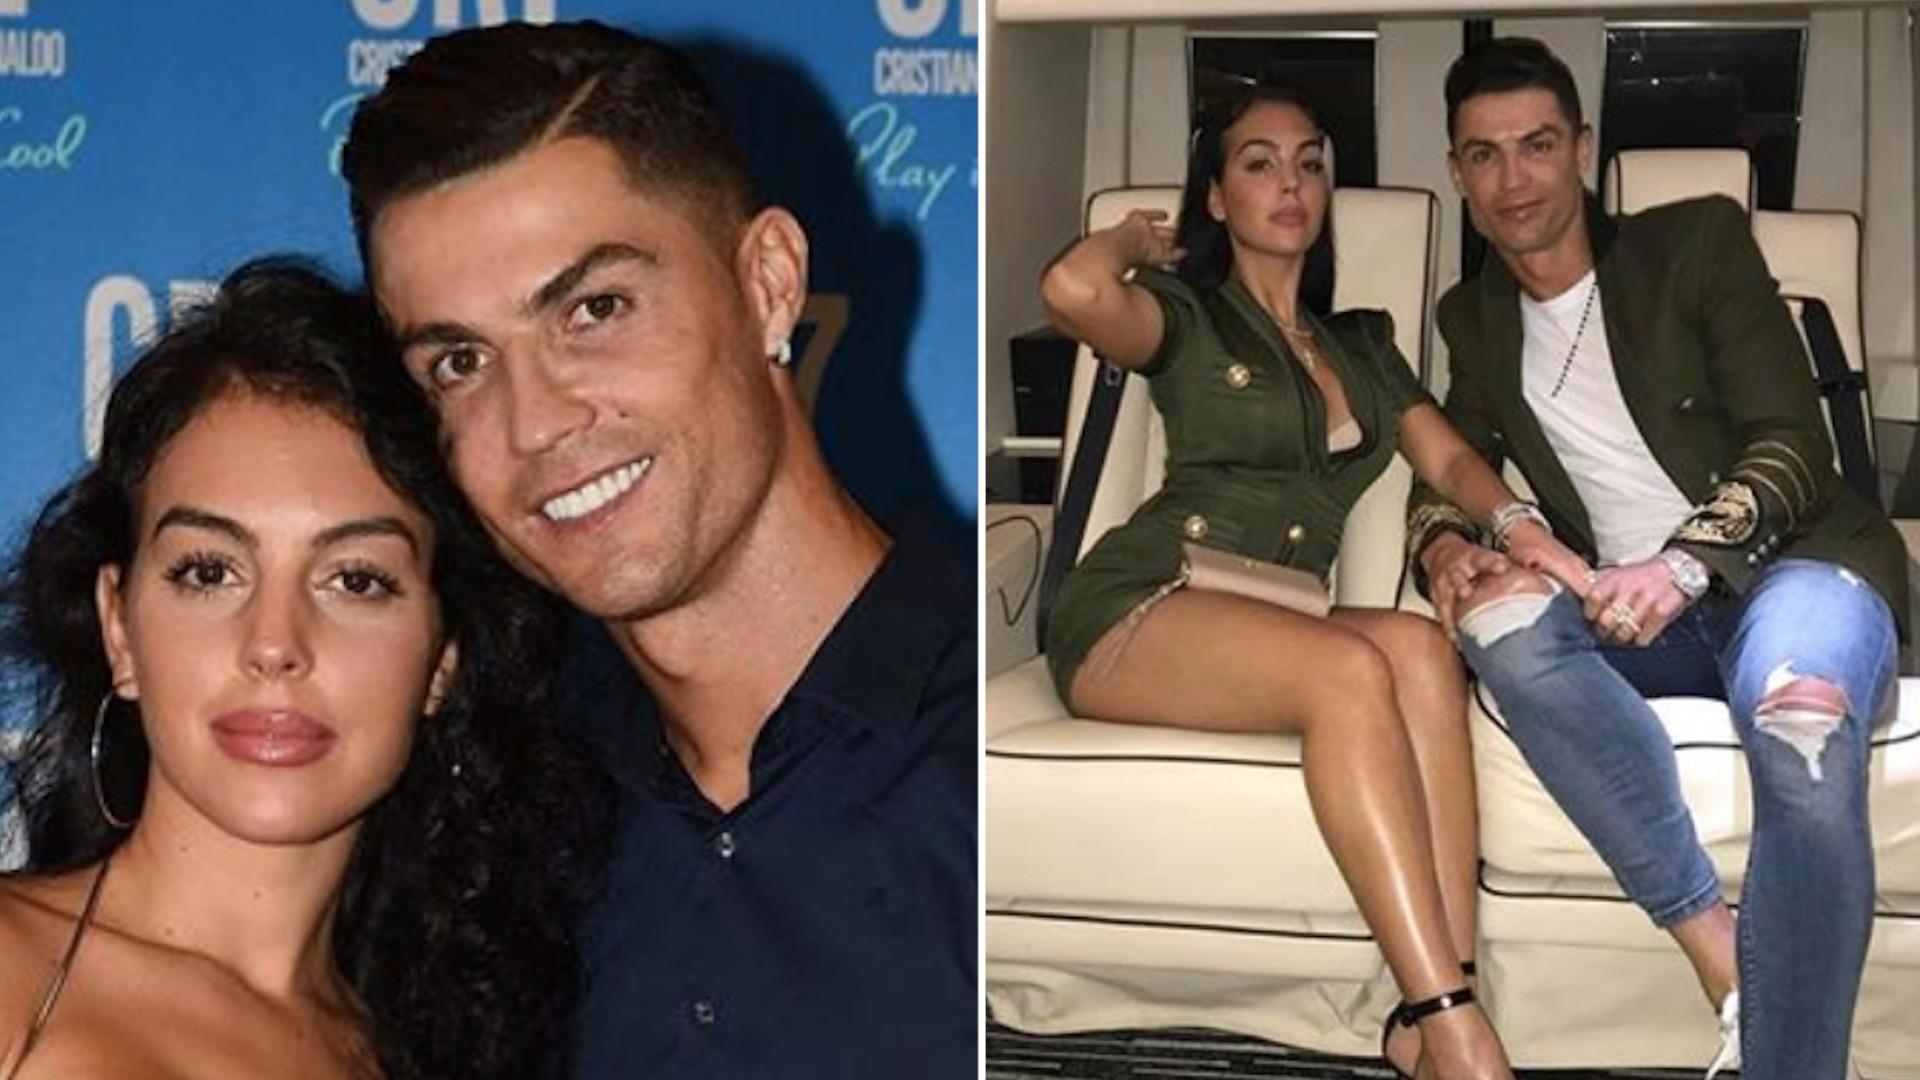 Georgina Rodriguez zdradziła, czego się WSTYDZIŁA na początku związku z Cristiano Ronaldo